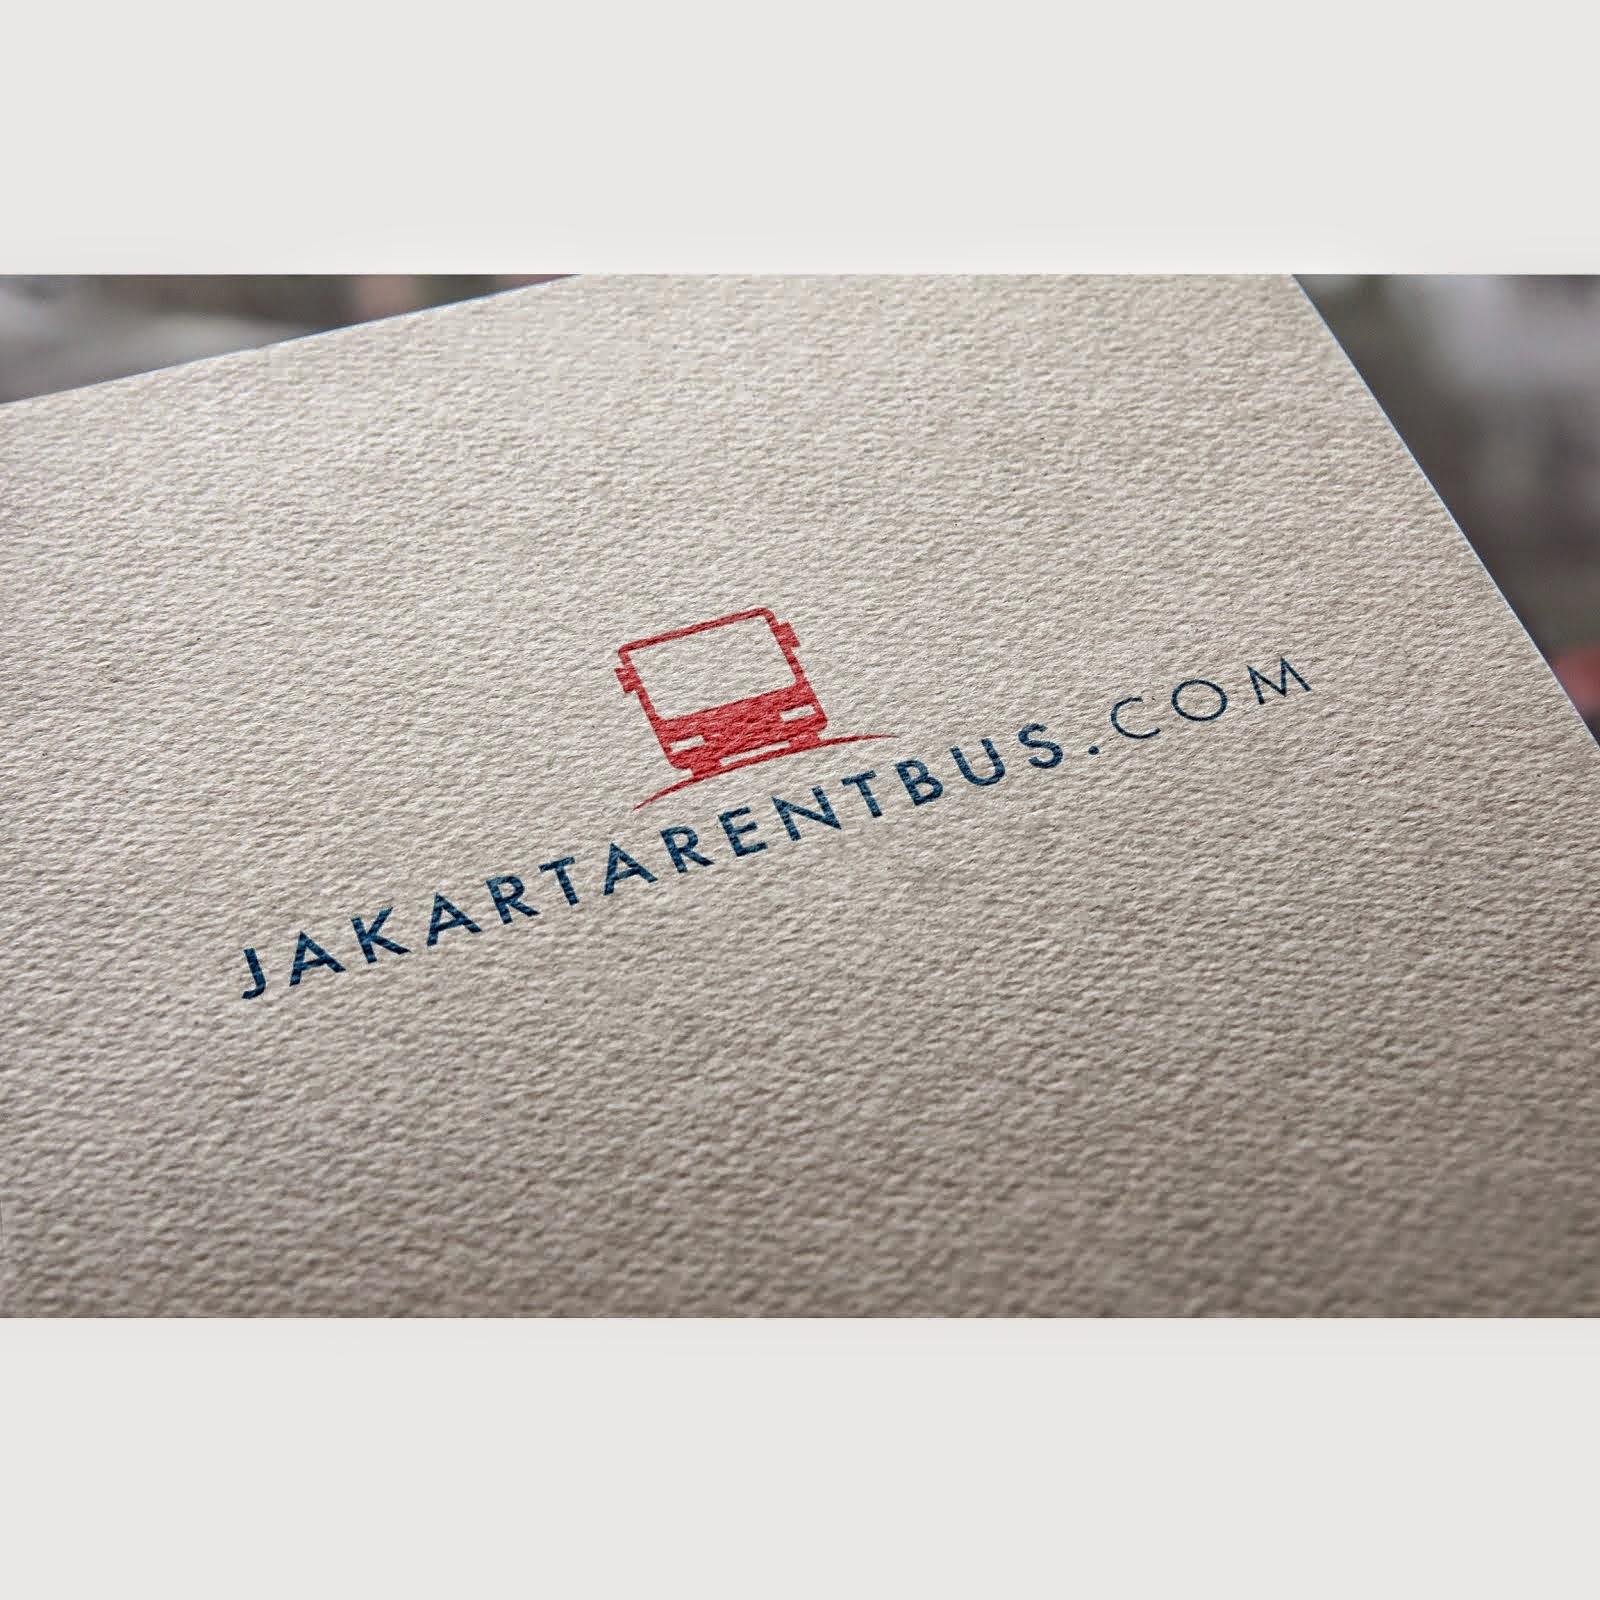 Jakartarentbus